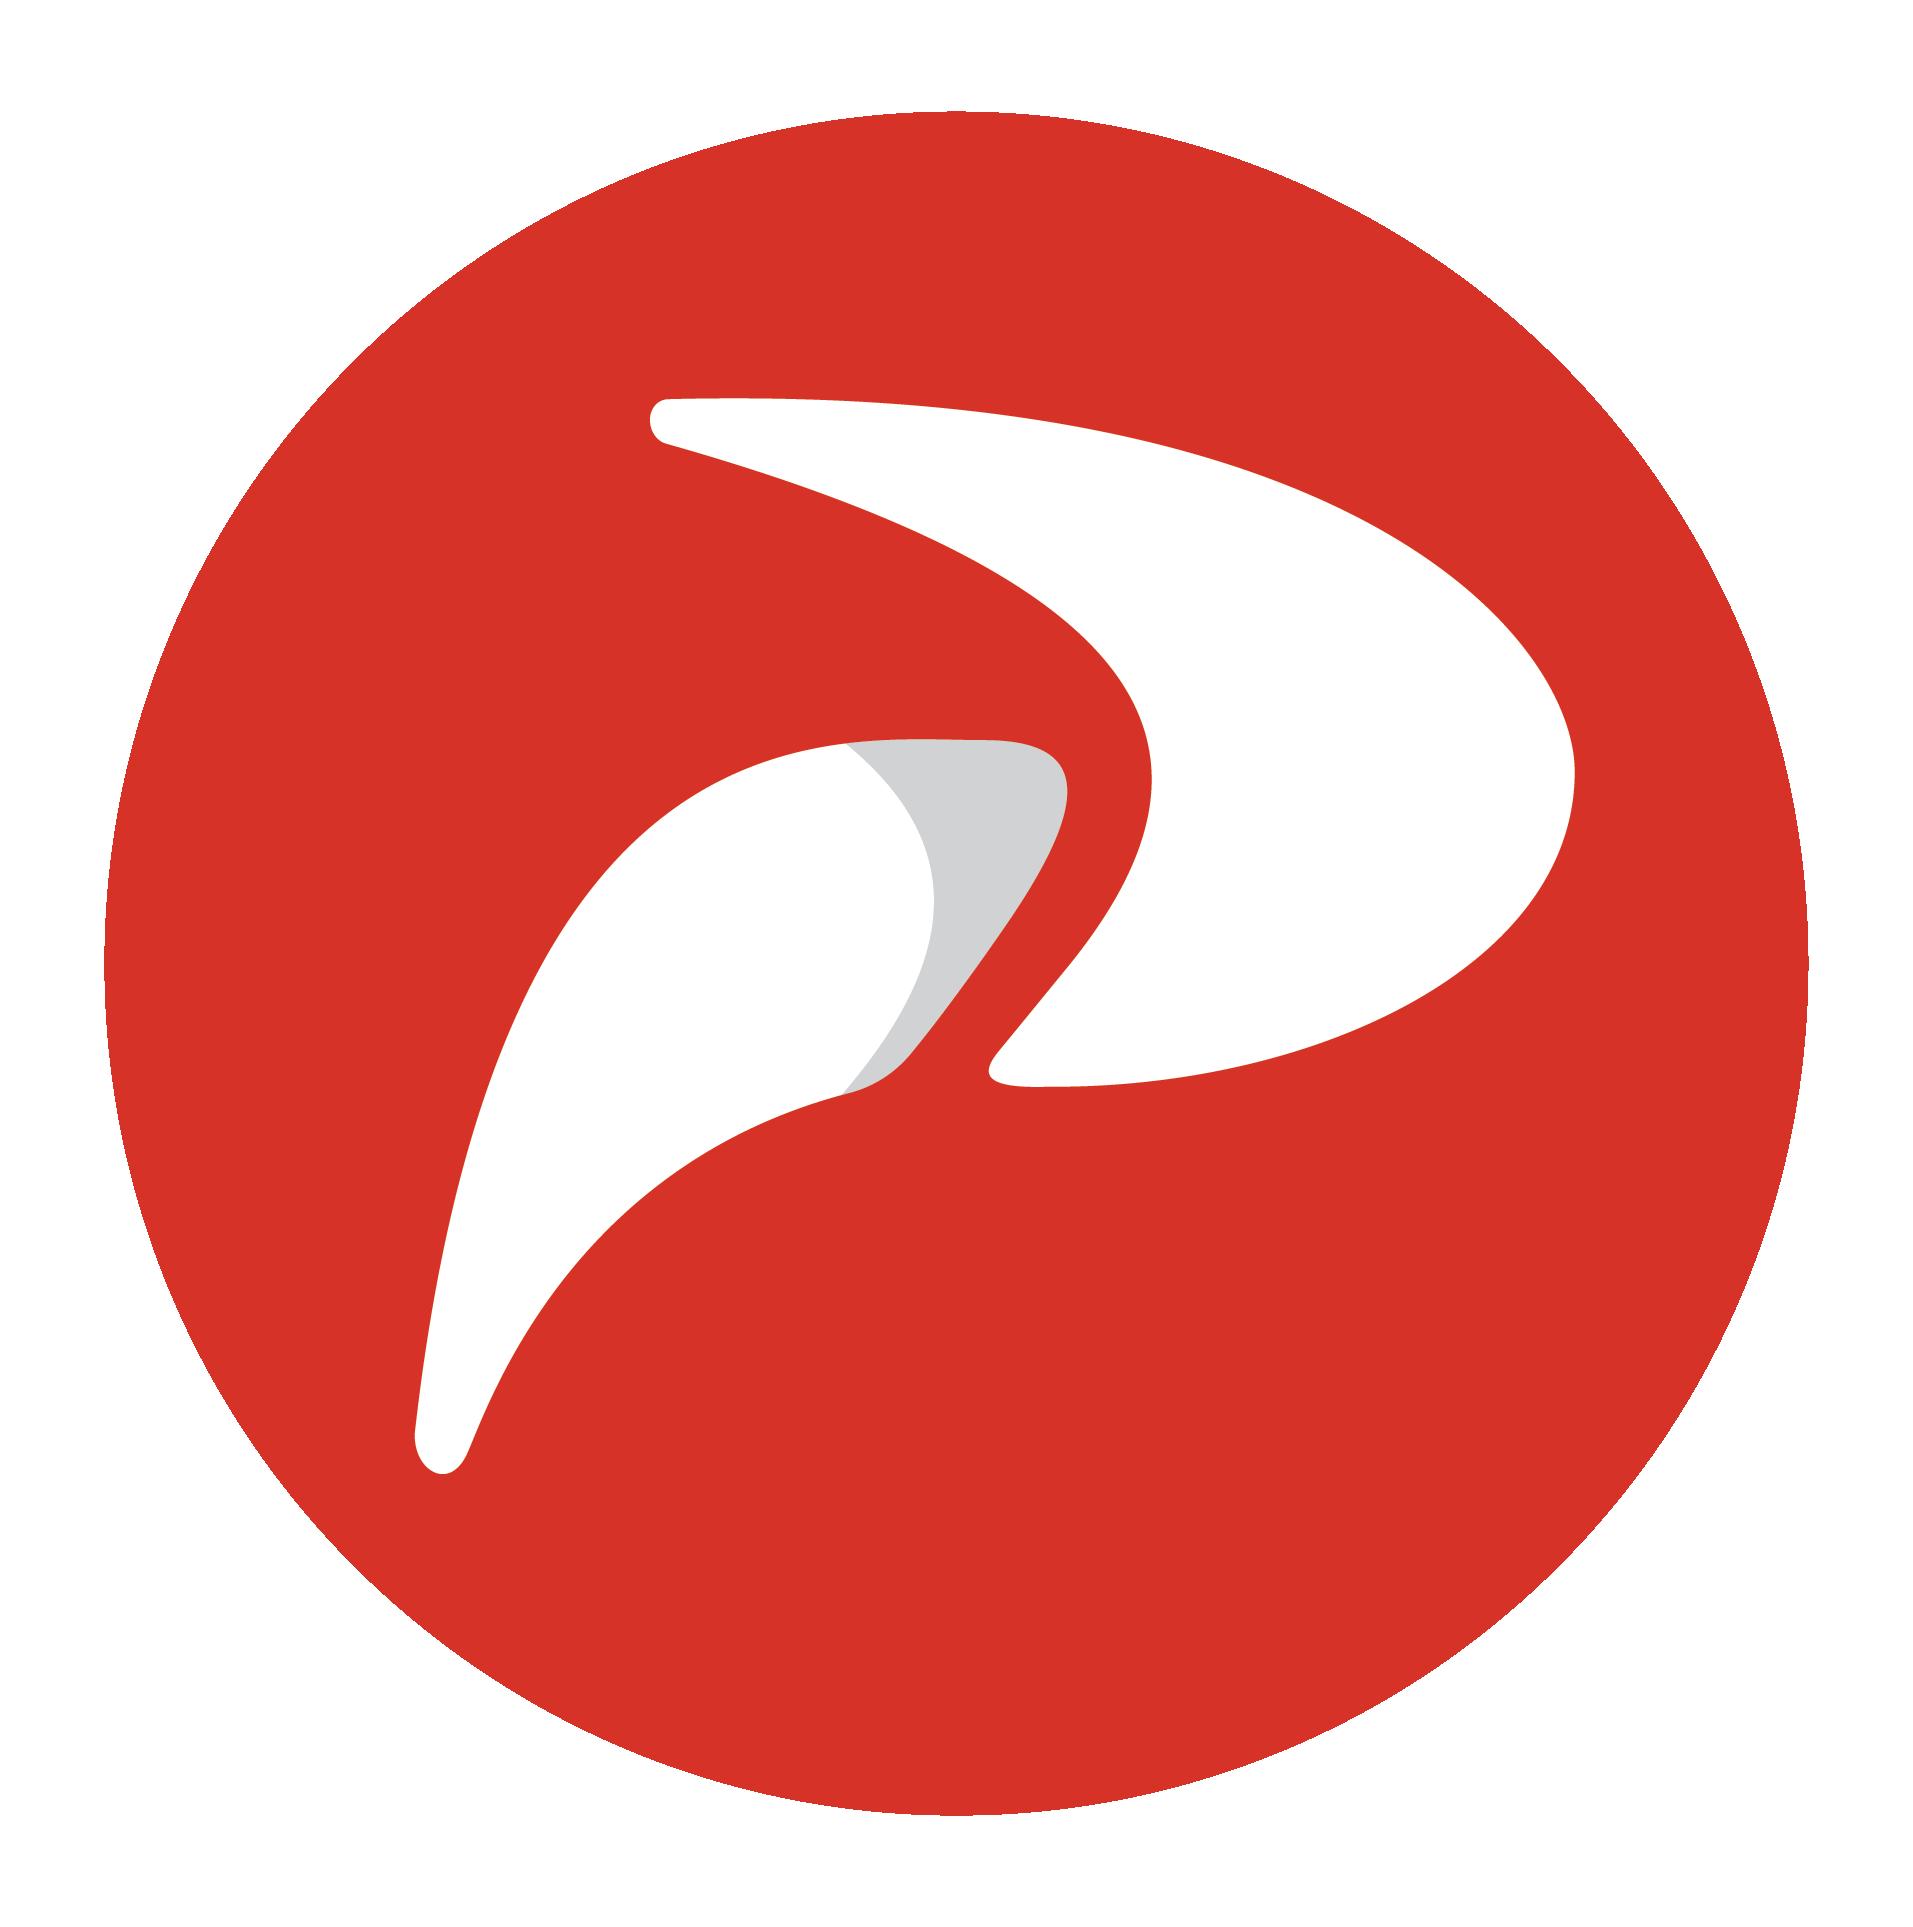 Penquin logo